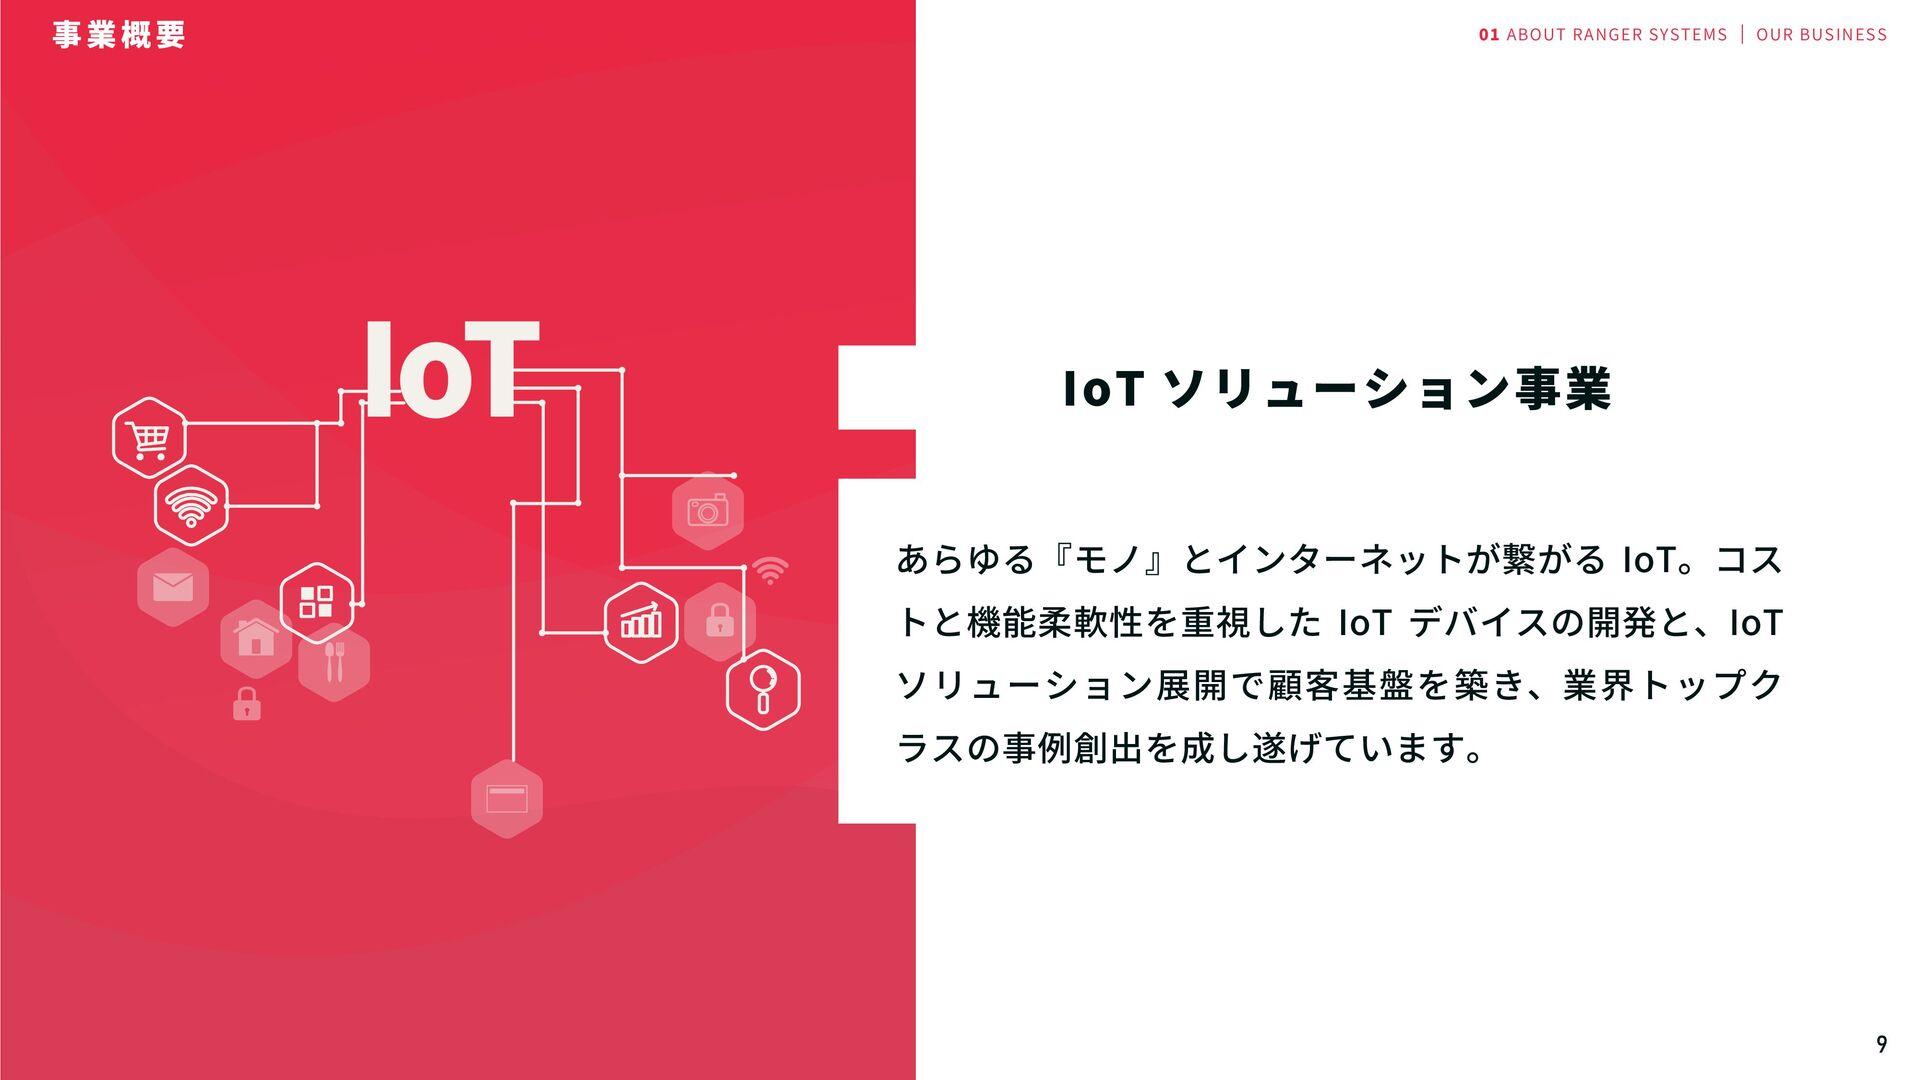 9 あらゆる『モノ』とインターネットが繋がる IoT。コス トと機能柔軟性を重視した IoT ...